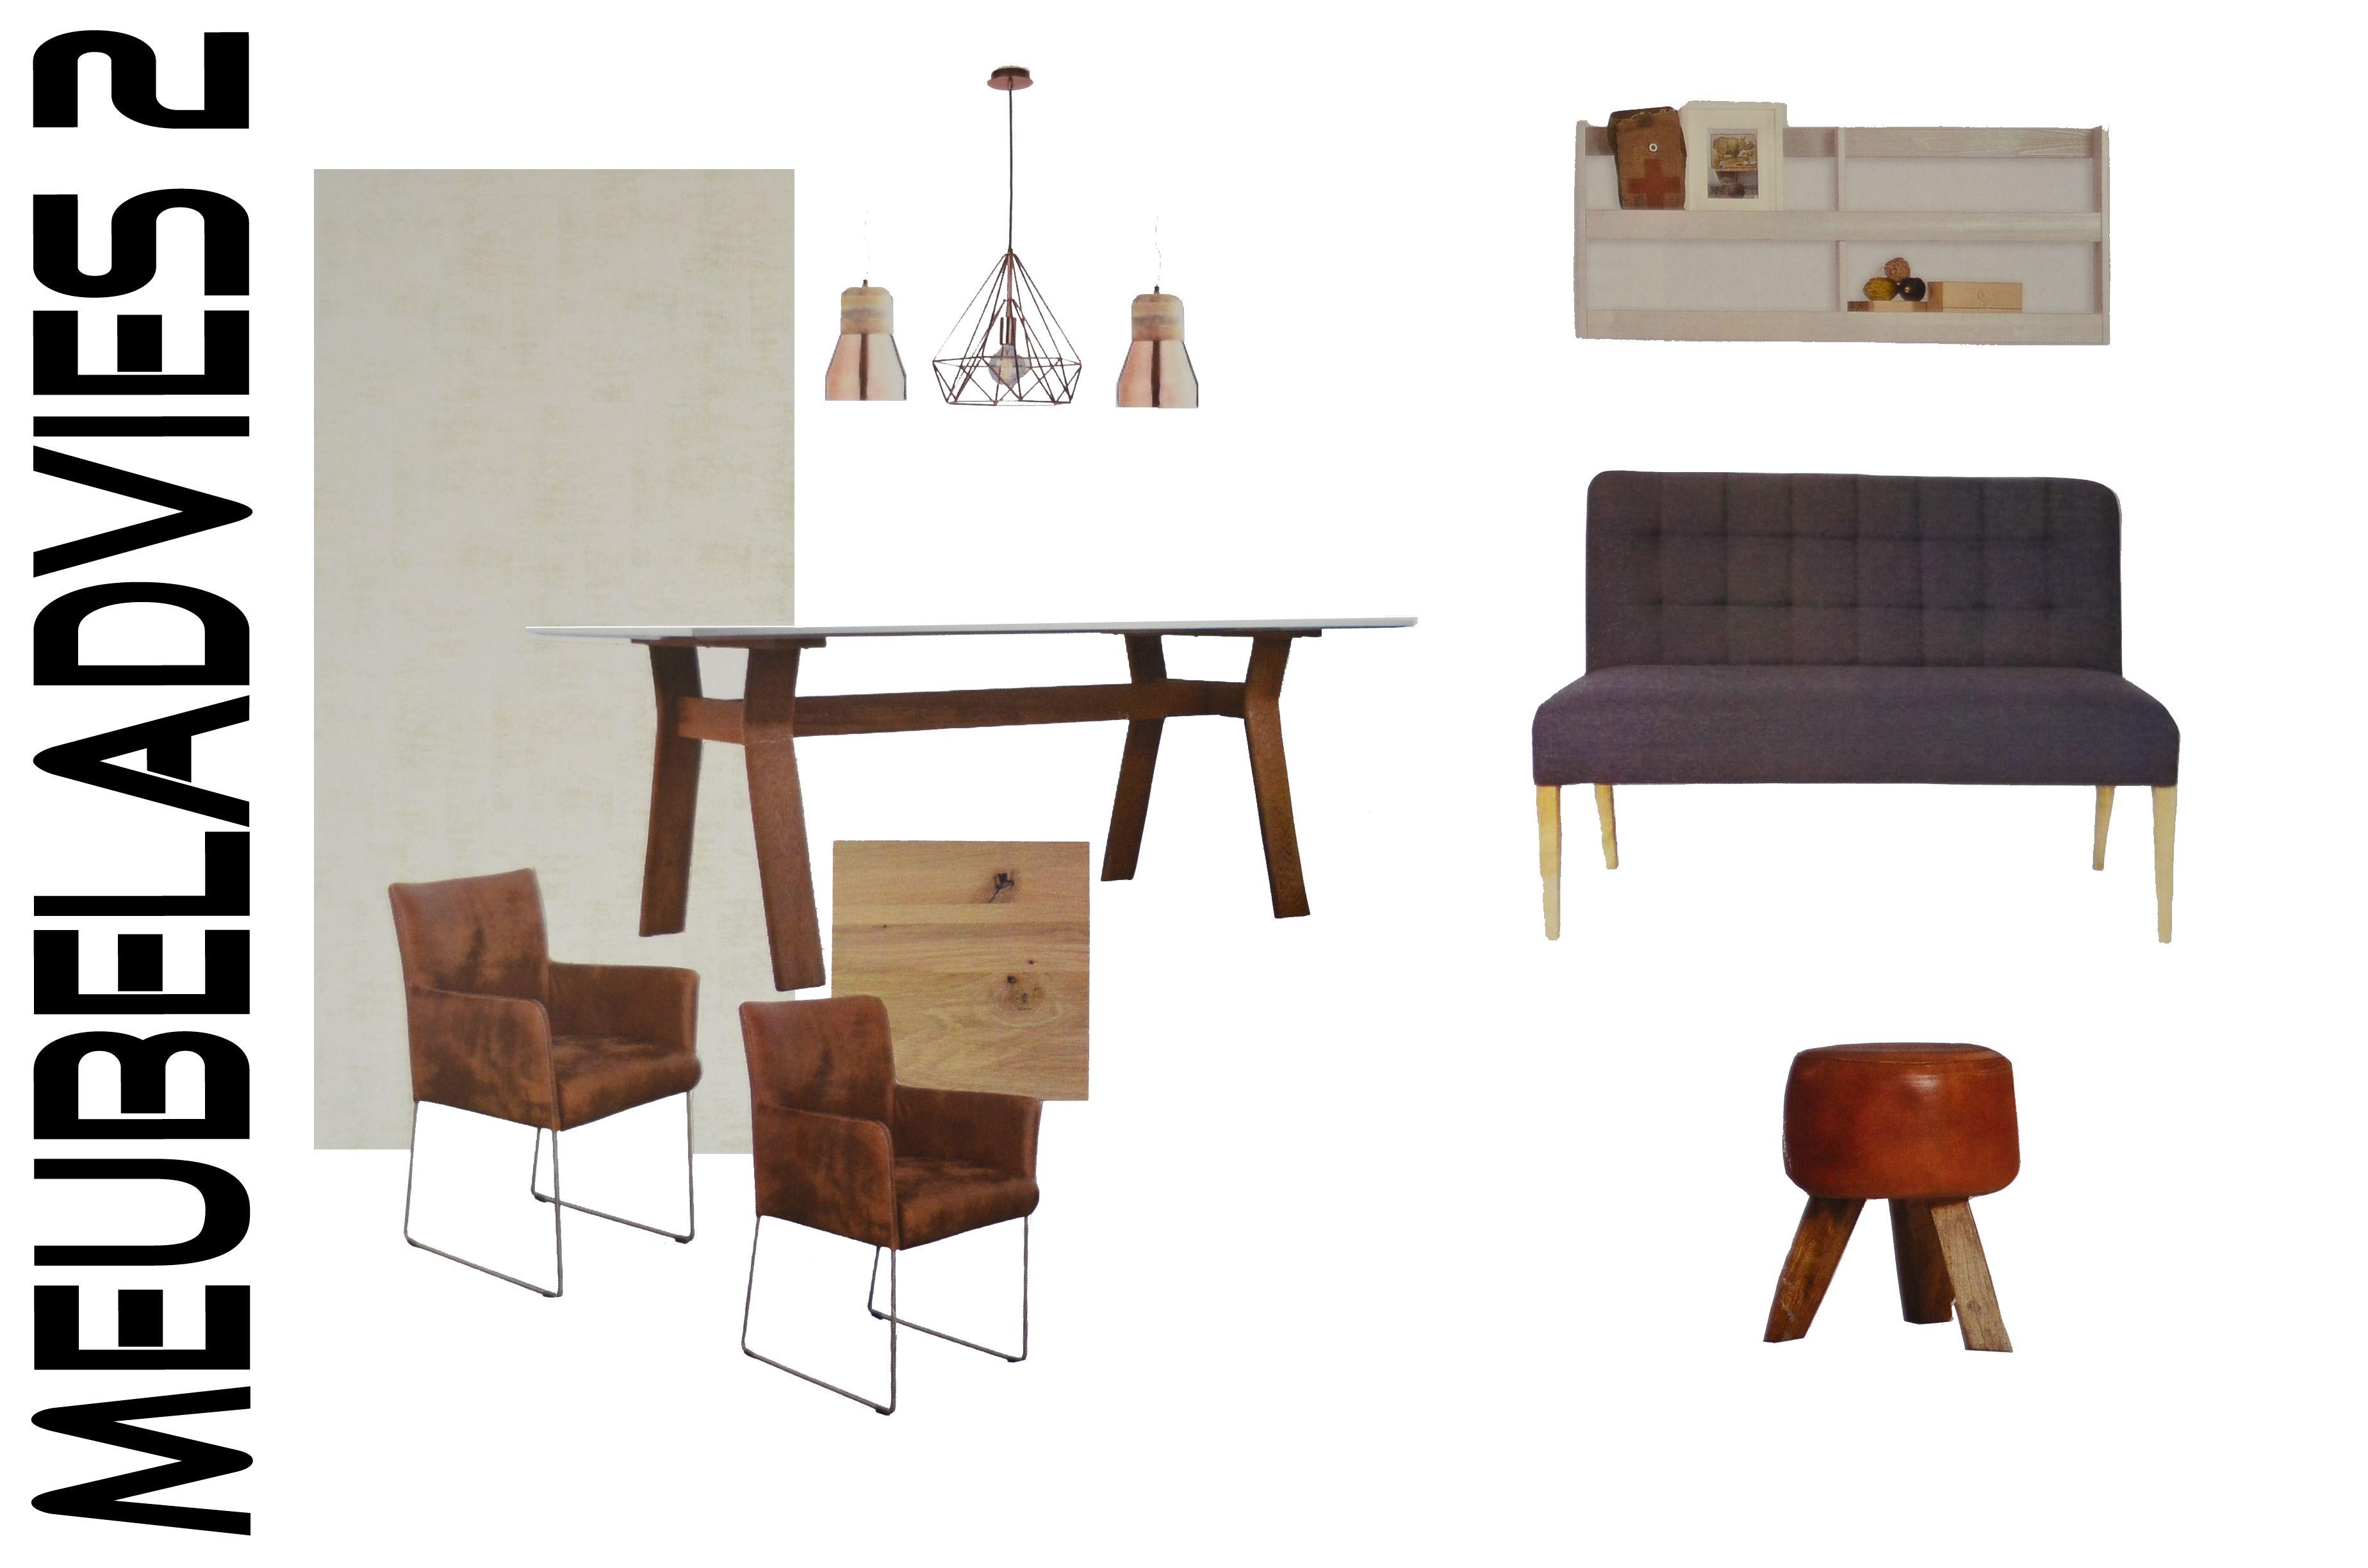 Het #meubeladvies voor het andere deel van de woonkamer. Hier komt een nieuwe #eethoek te staan. Voor deze #woonkamer heeft studio de WOON FACTOR een aantal meubels ontworpen die door een vakkundig meubelmaker zijn uitgewerkt. www.studiodewoonfactor.nl